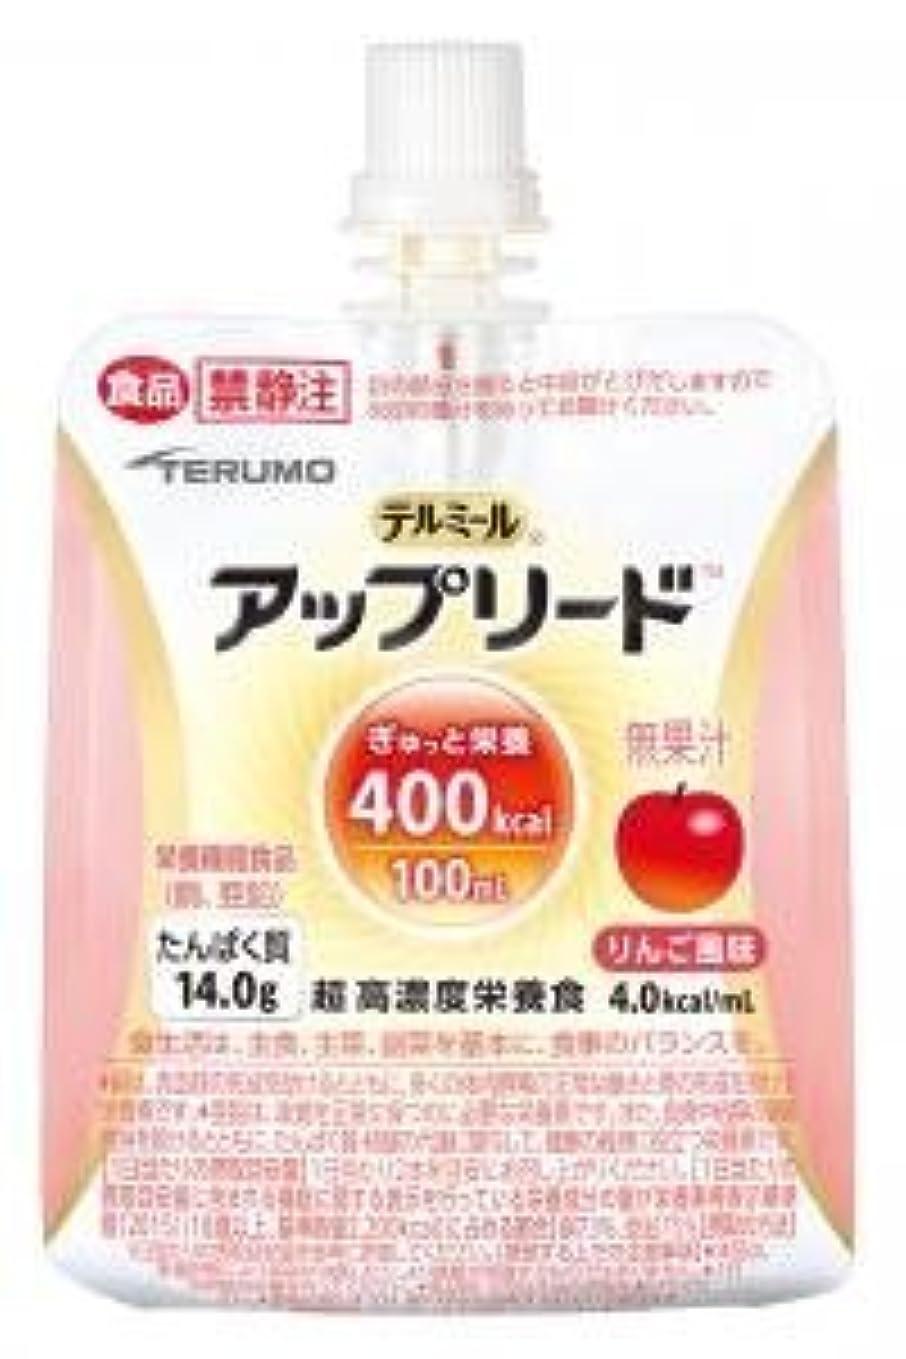 カニ補正ホールドテルモ 超高濃度栄養食 アップリード アップル風味  100ml×18個 (4.0kcal/ml)【ケース販売】